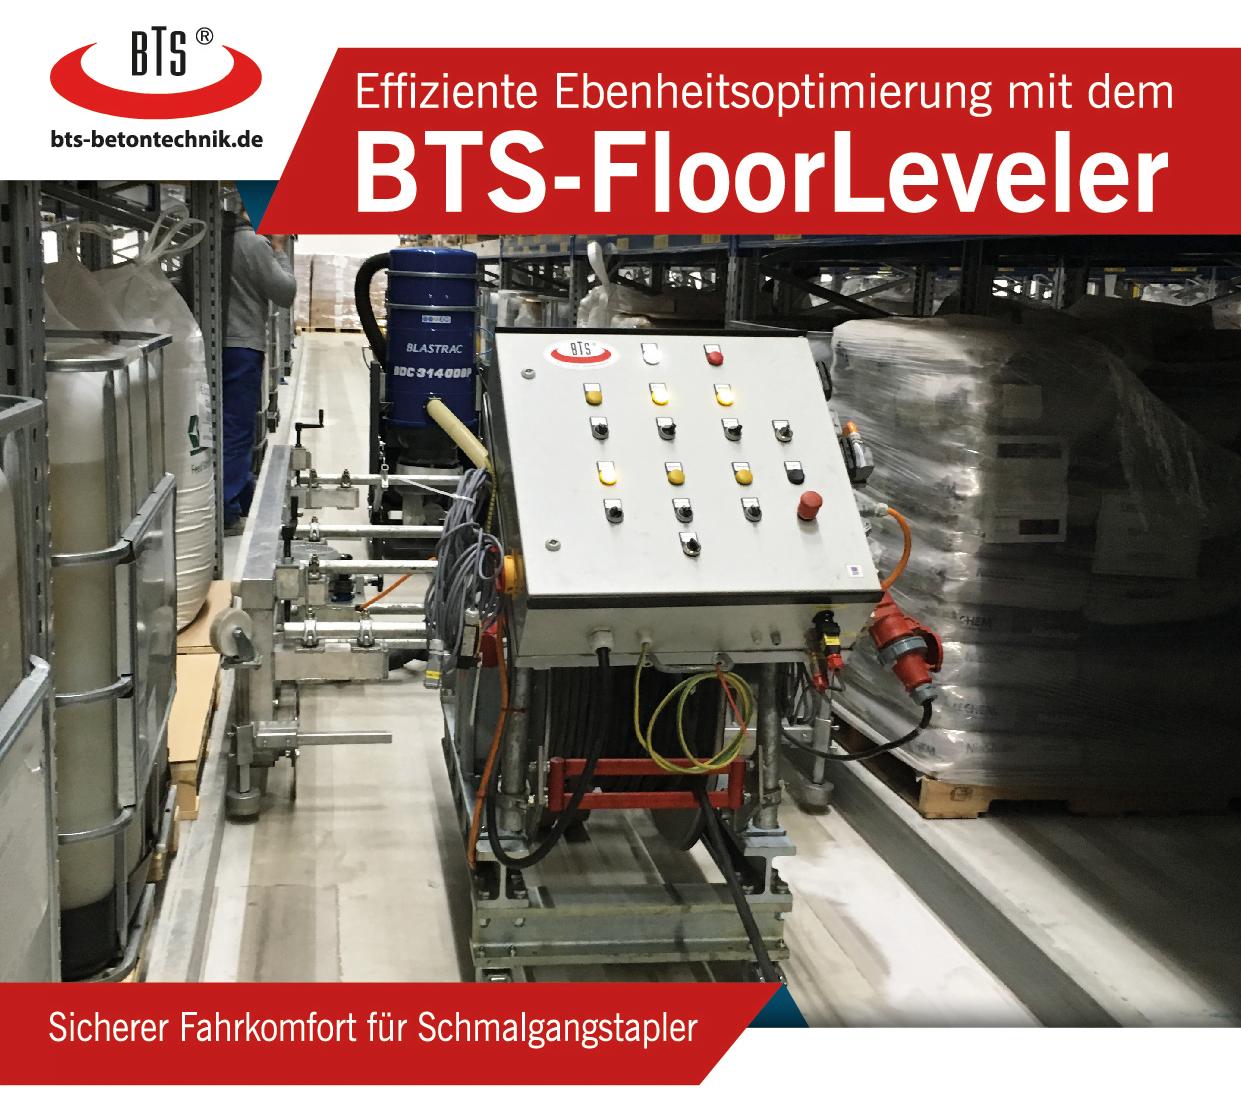 BTS-Floor-Leveler